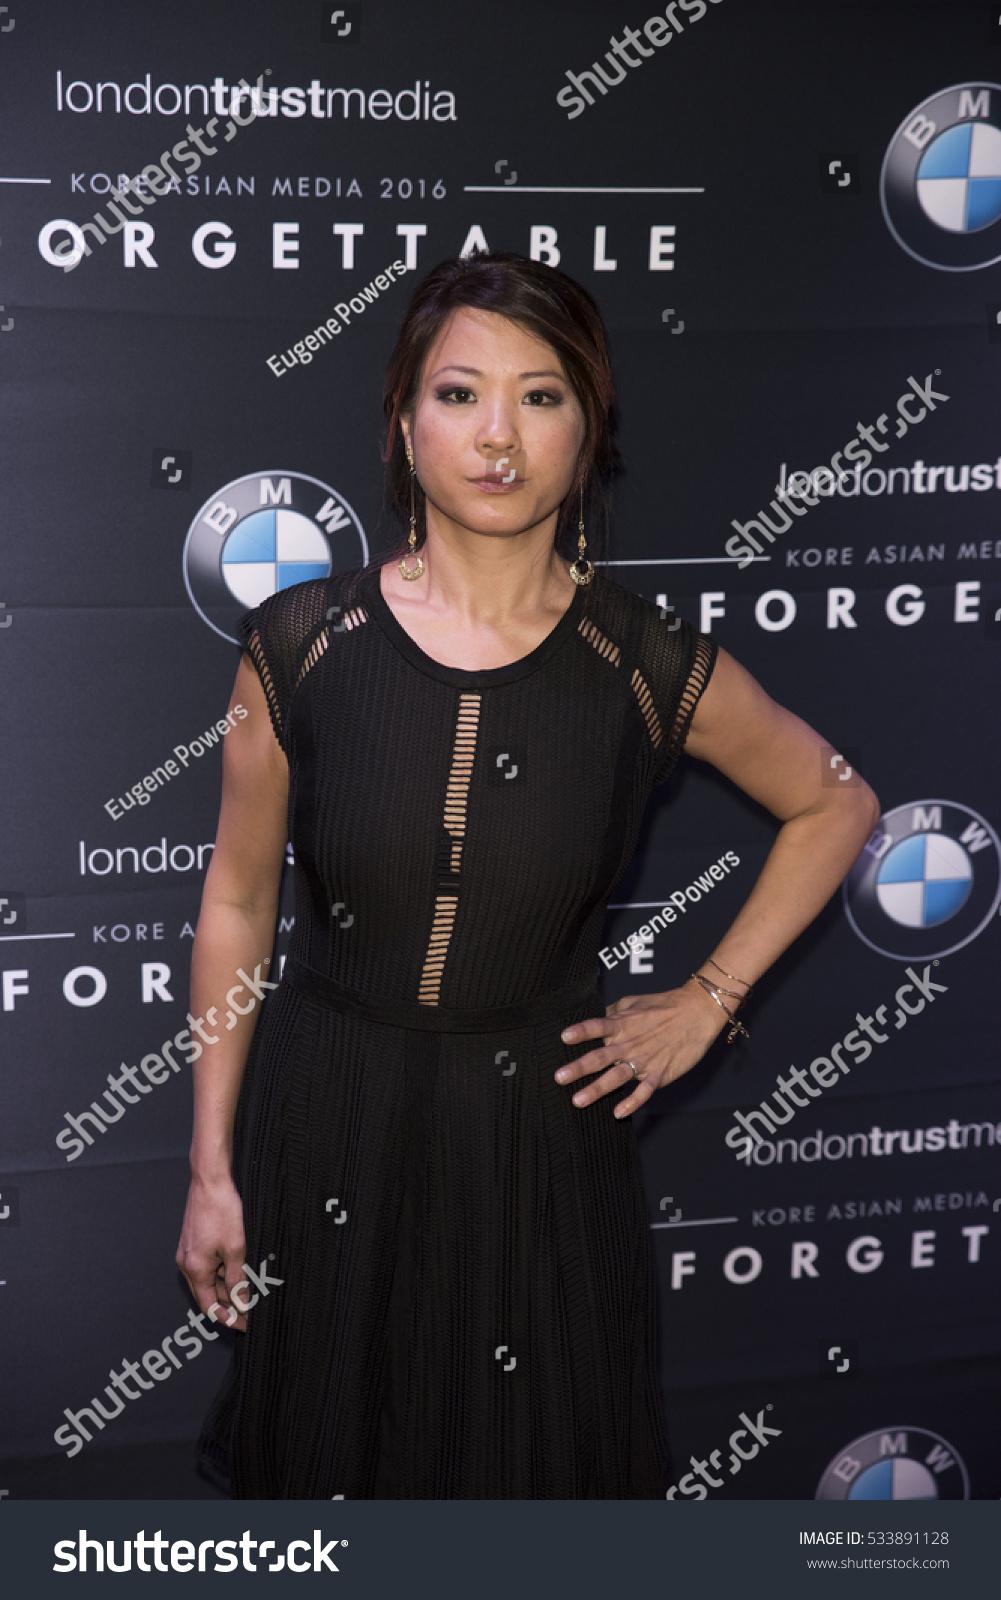 Karin Anna Cheung nude (93 photos), Tits, Paparazzi, Twitter, panties 2006